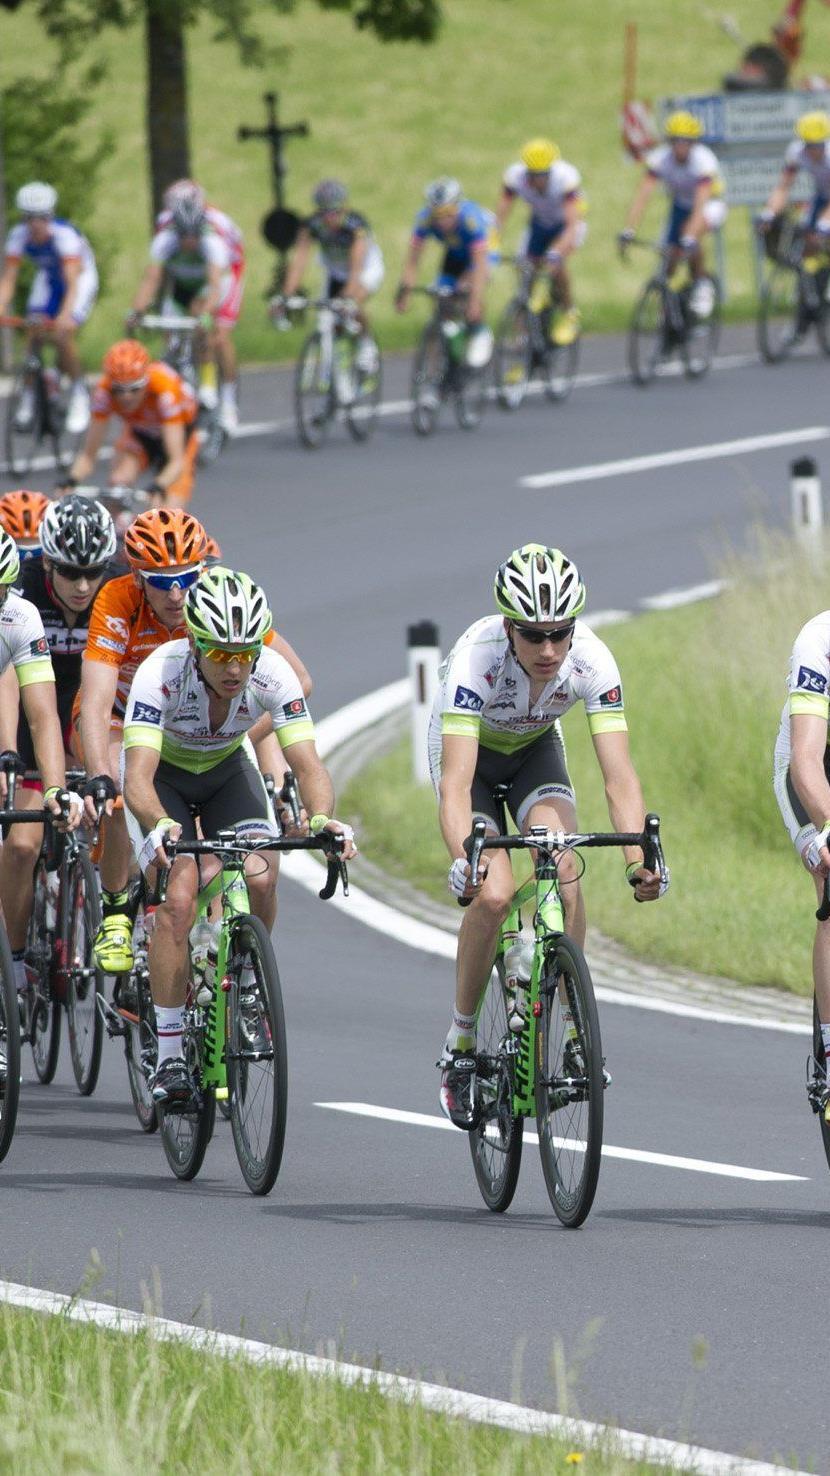 Team Vorarlberg Fahrer Daniel Biedermann war in die Massenstürze in China verwickelt, sein Rad ist demoliert.